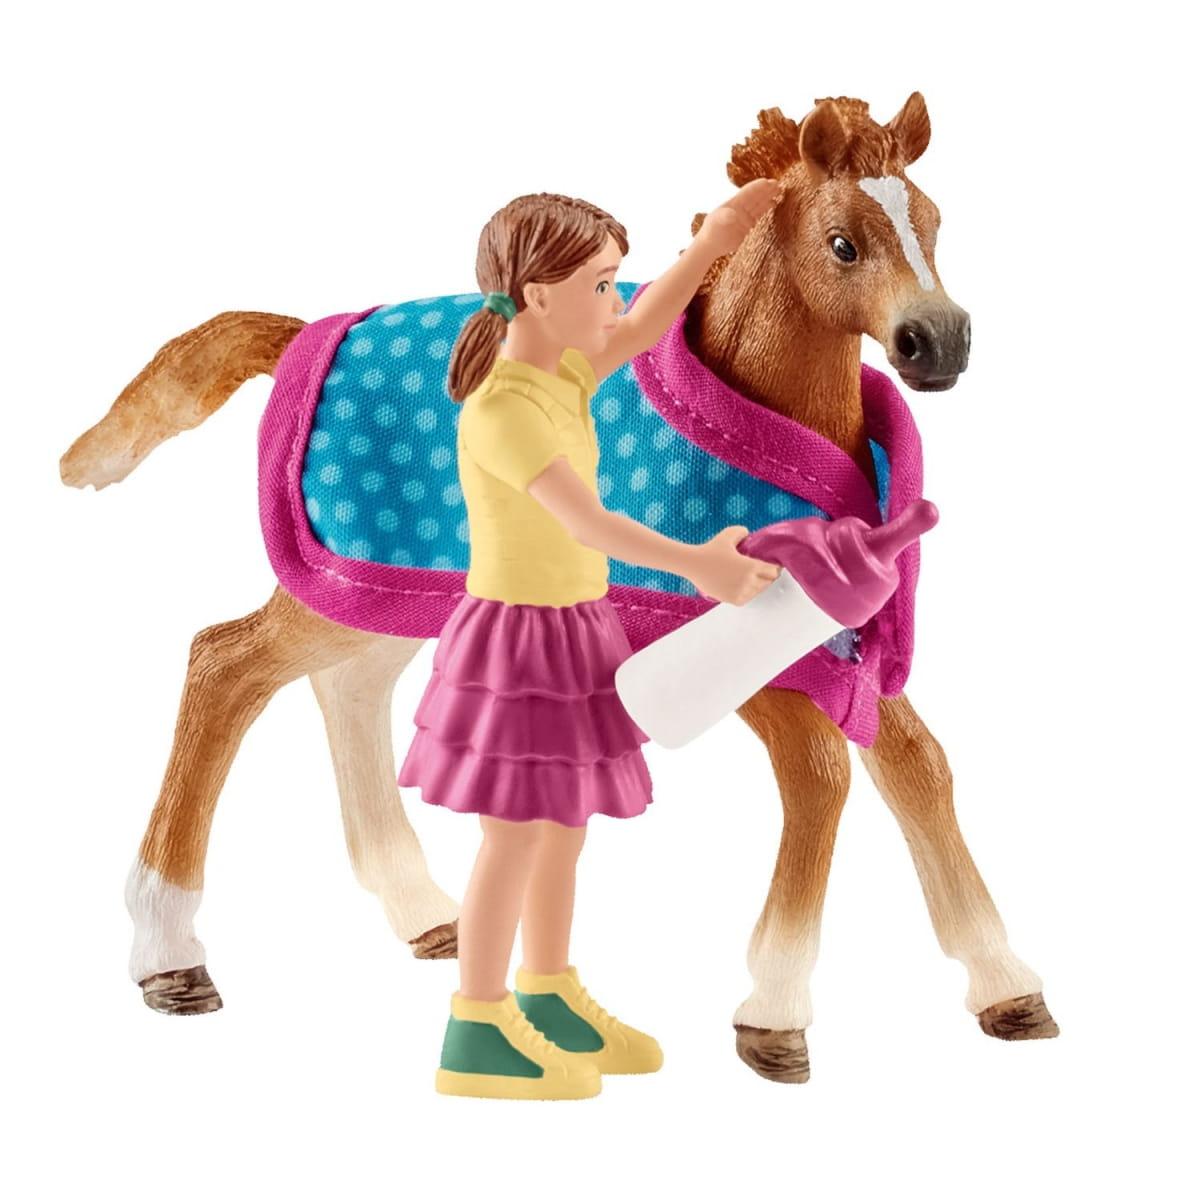 Набор SCHLEICH Девочка с жеребенком - Игровые наборы для девочек